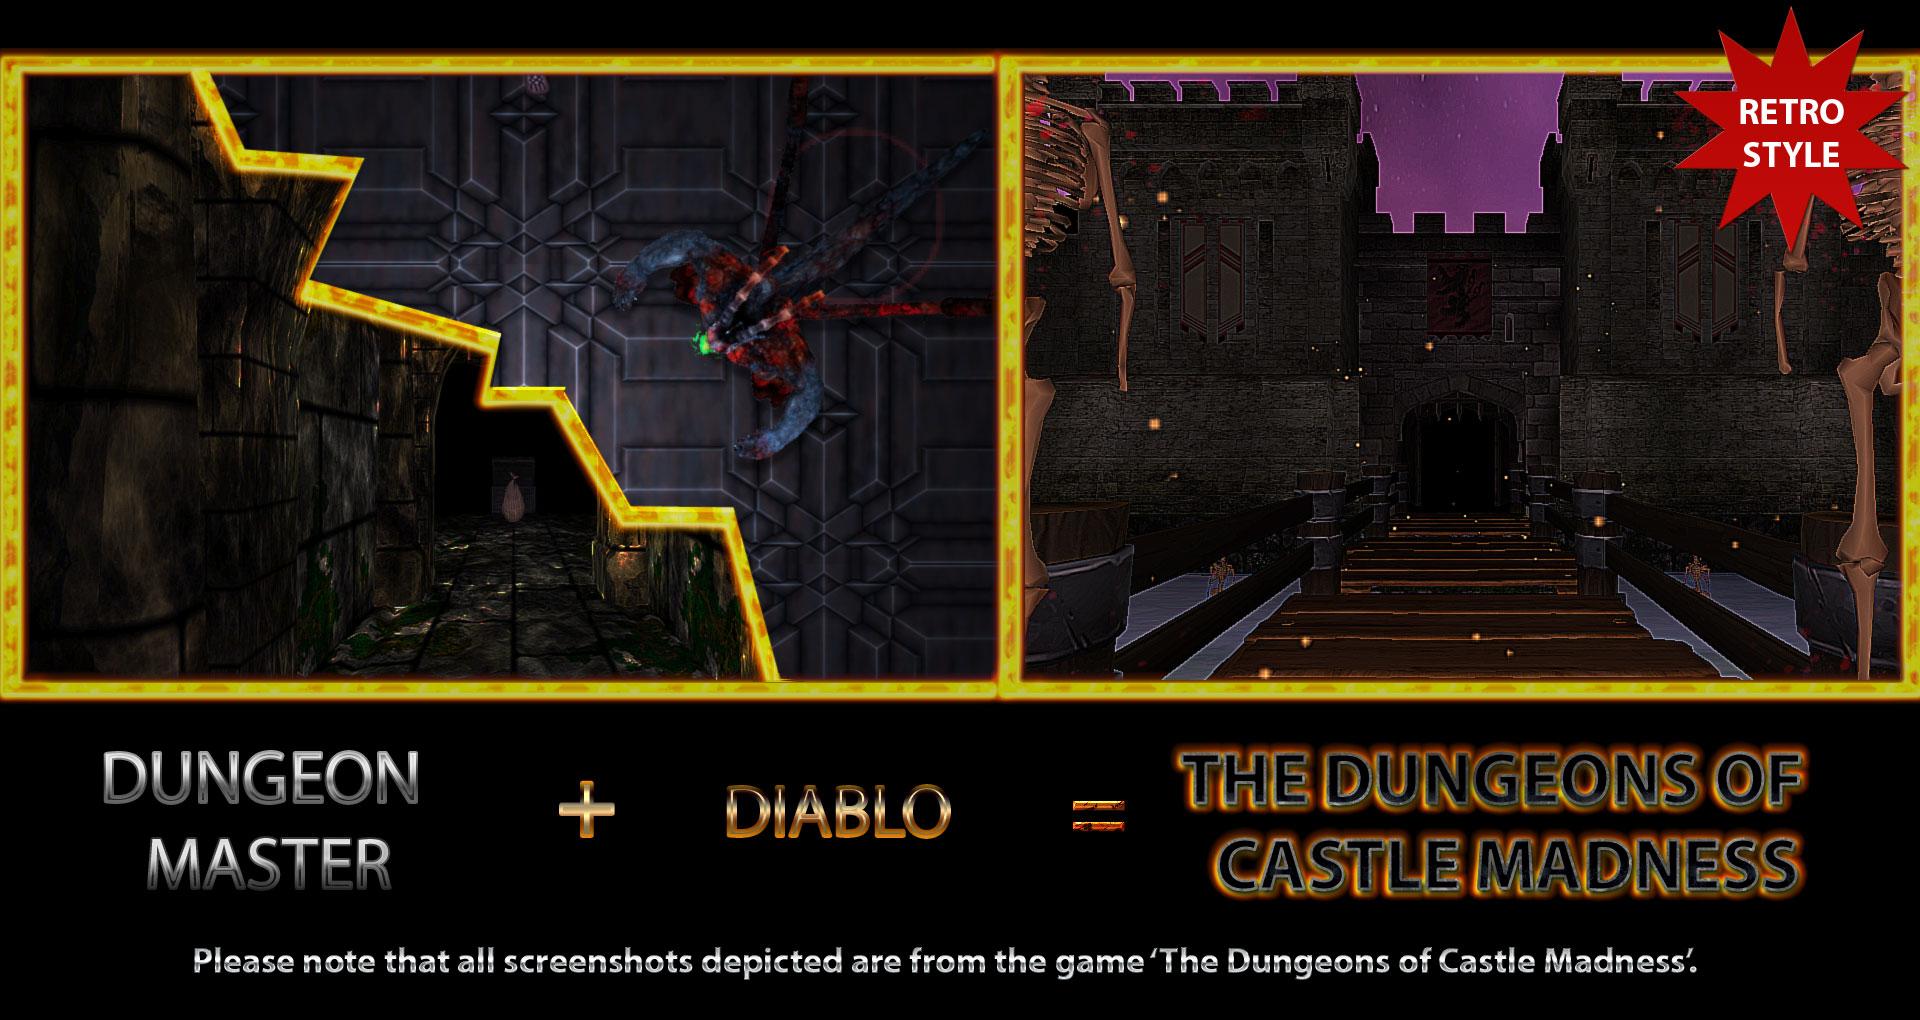 Dungeon Master + Diablo